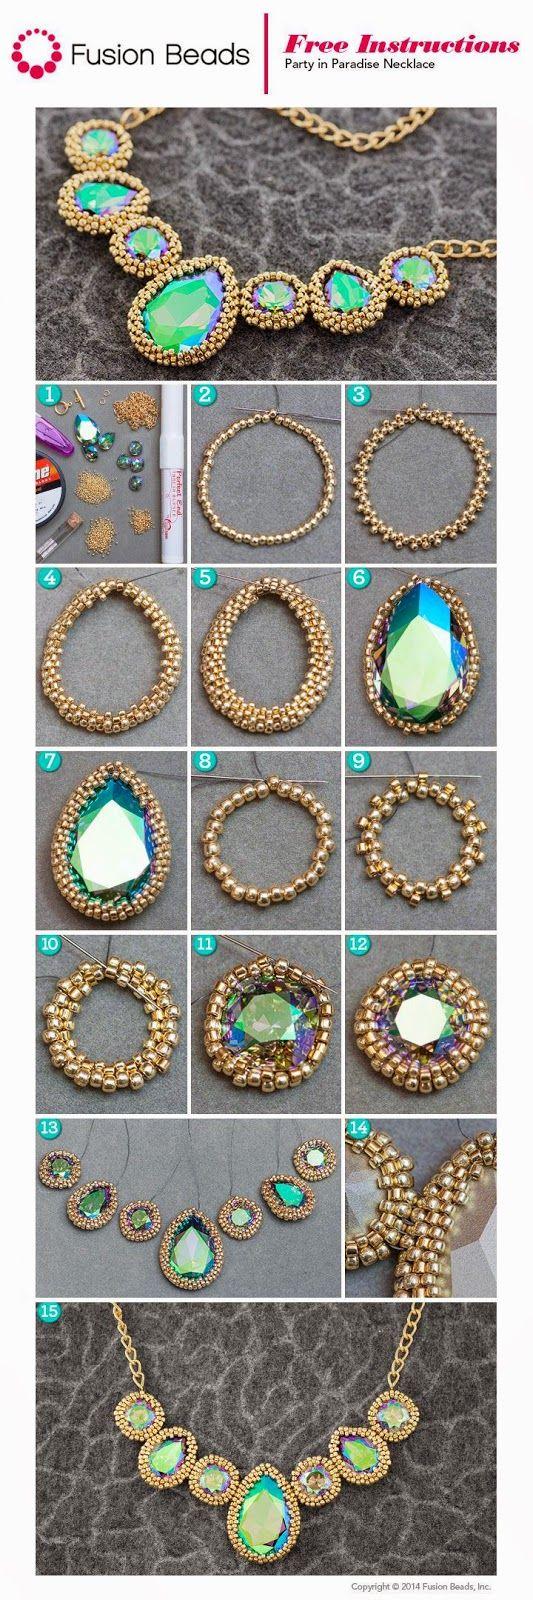 Массивное ожерелье своими руками: как сделать модный аксессуар самой - Ladiesvenue